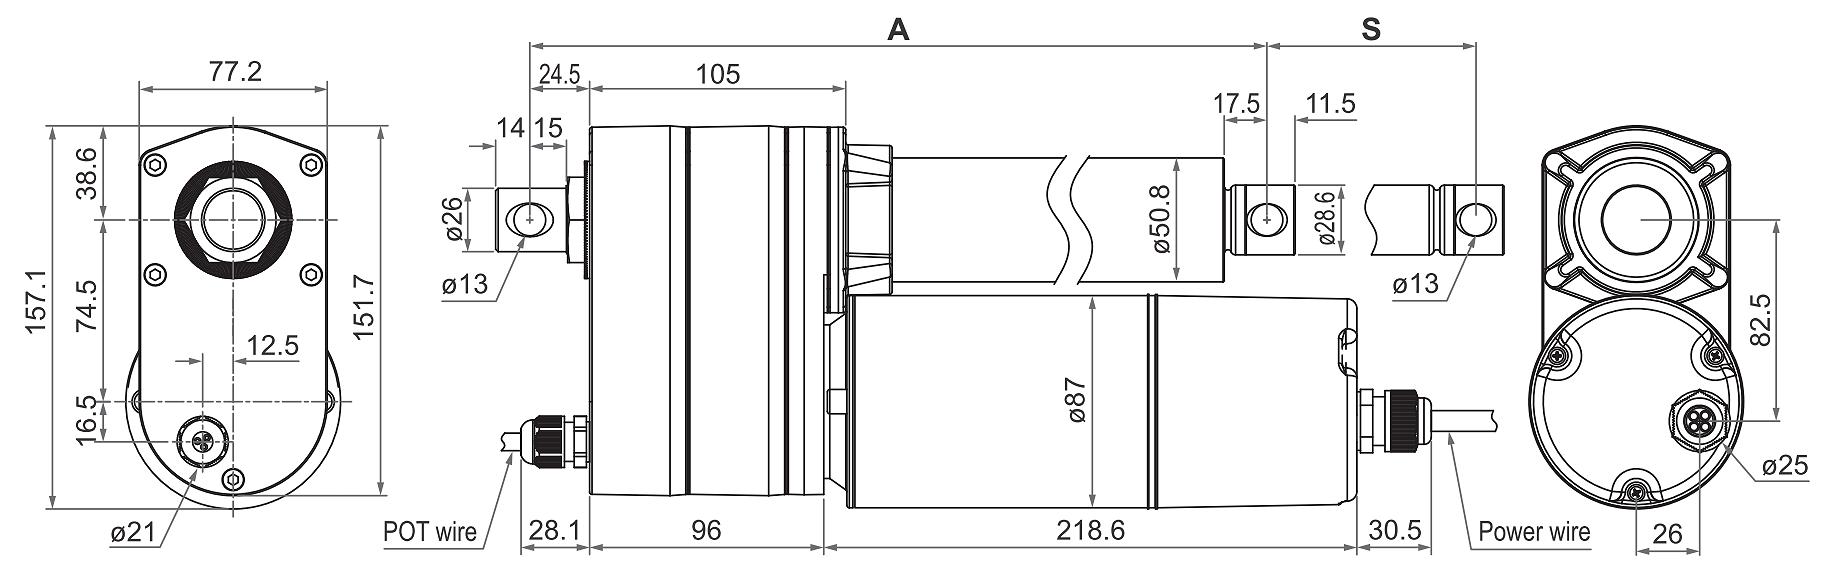 DSZY6-POT Maßbild - Variante mit Potentiometer